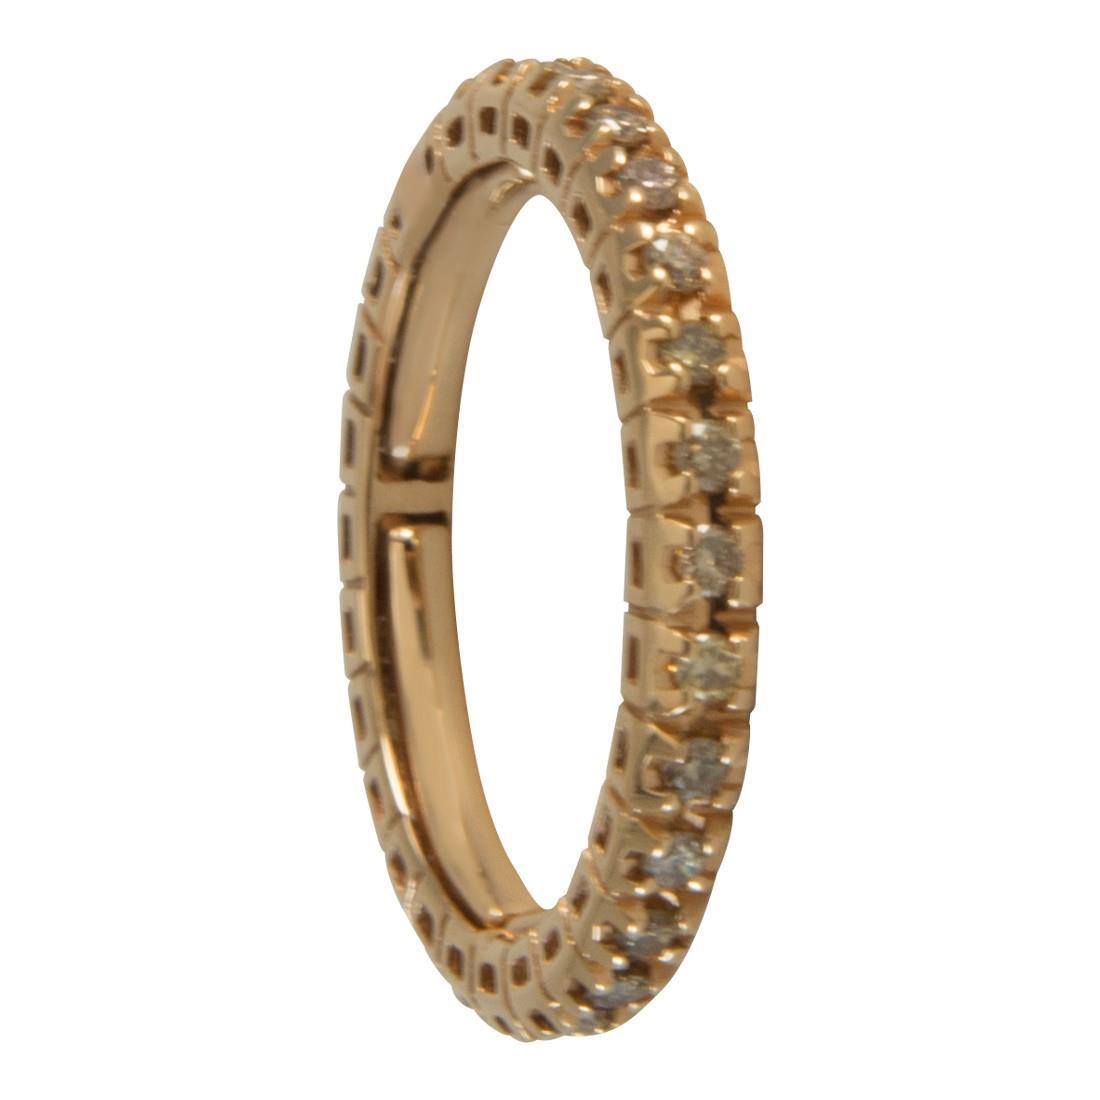 Anello in oro giallo con diamanti brown 0.50 - ALFIERI ST JOHN